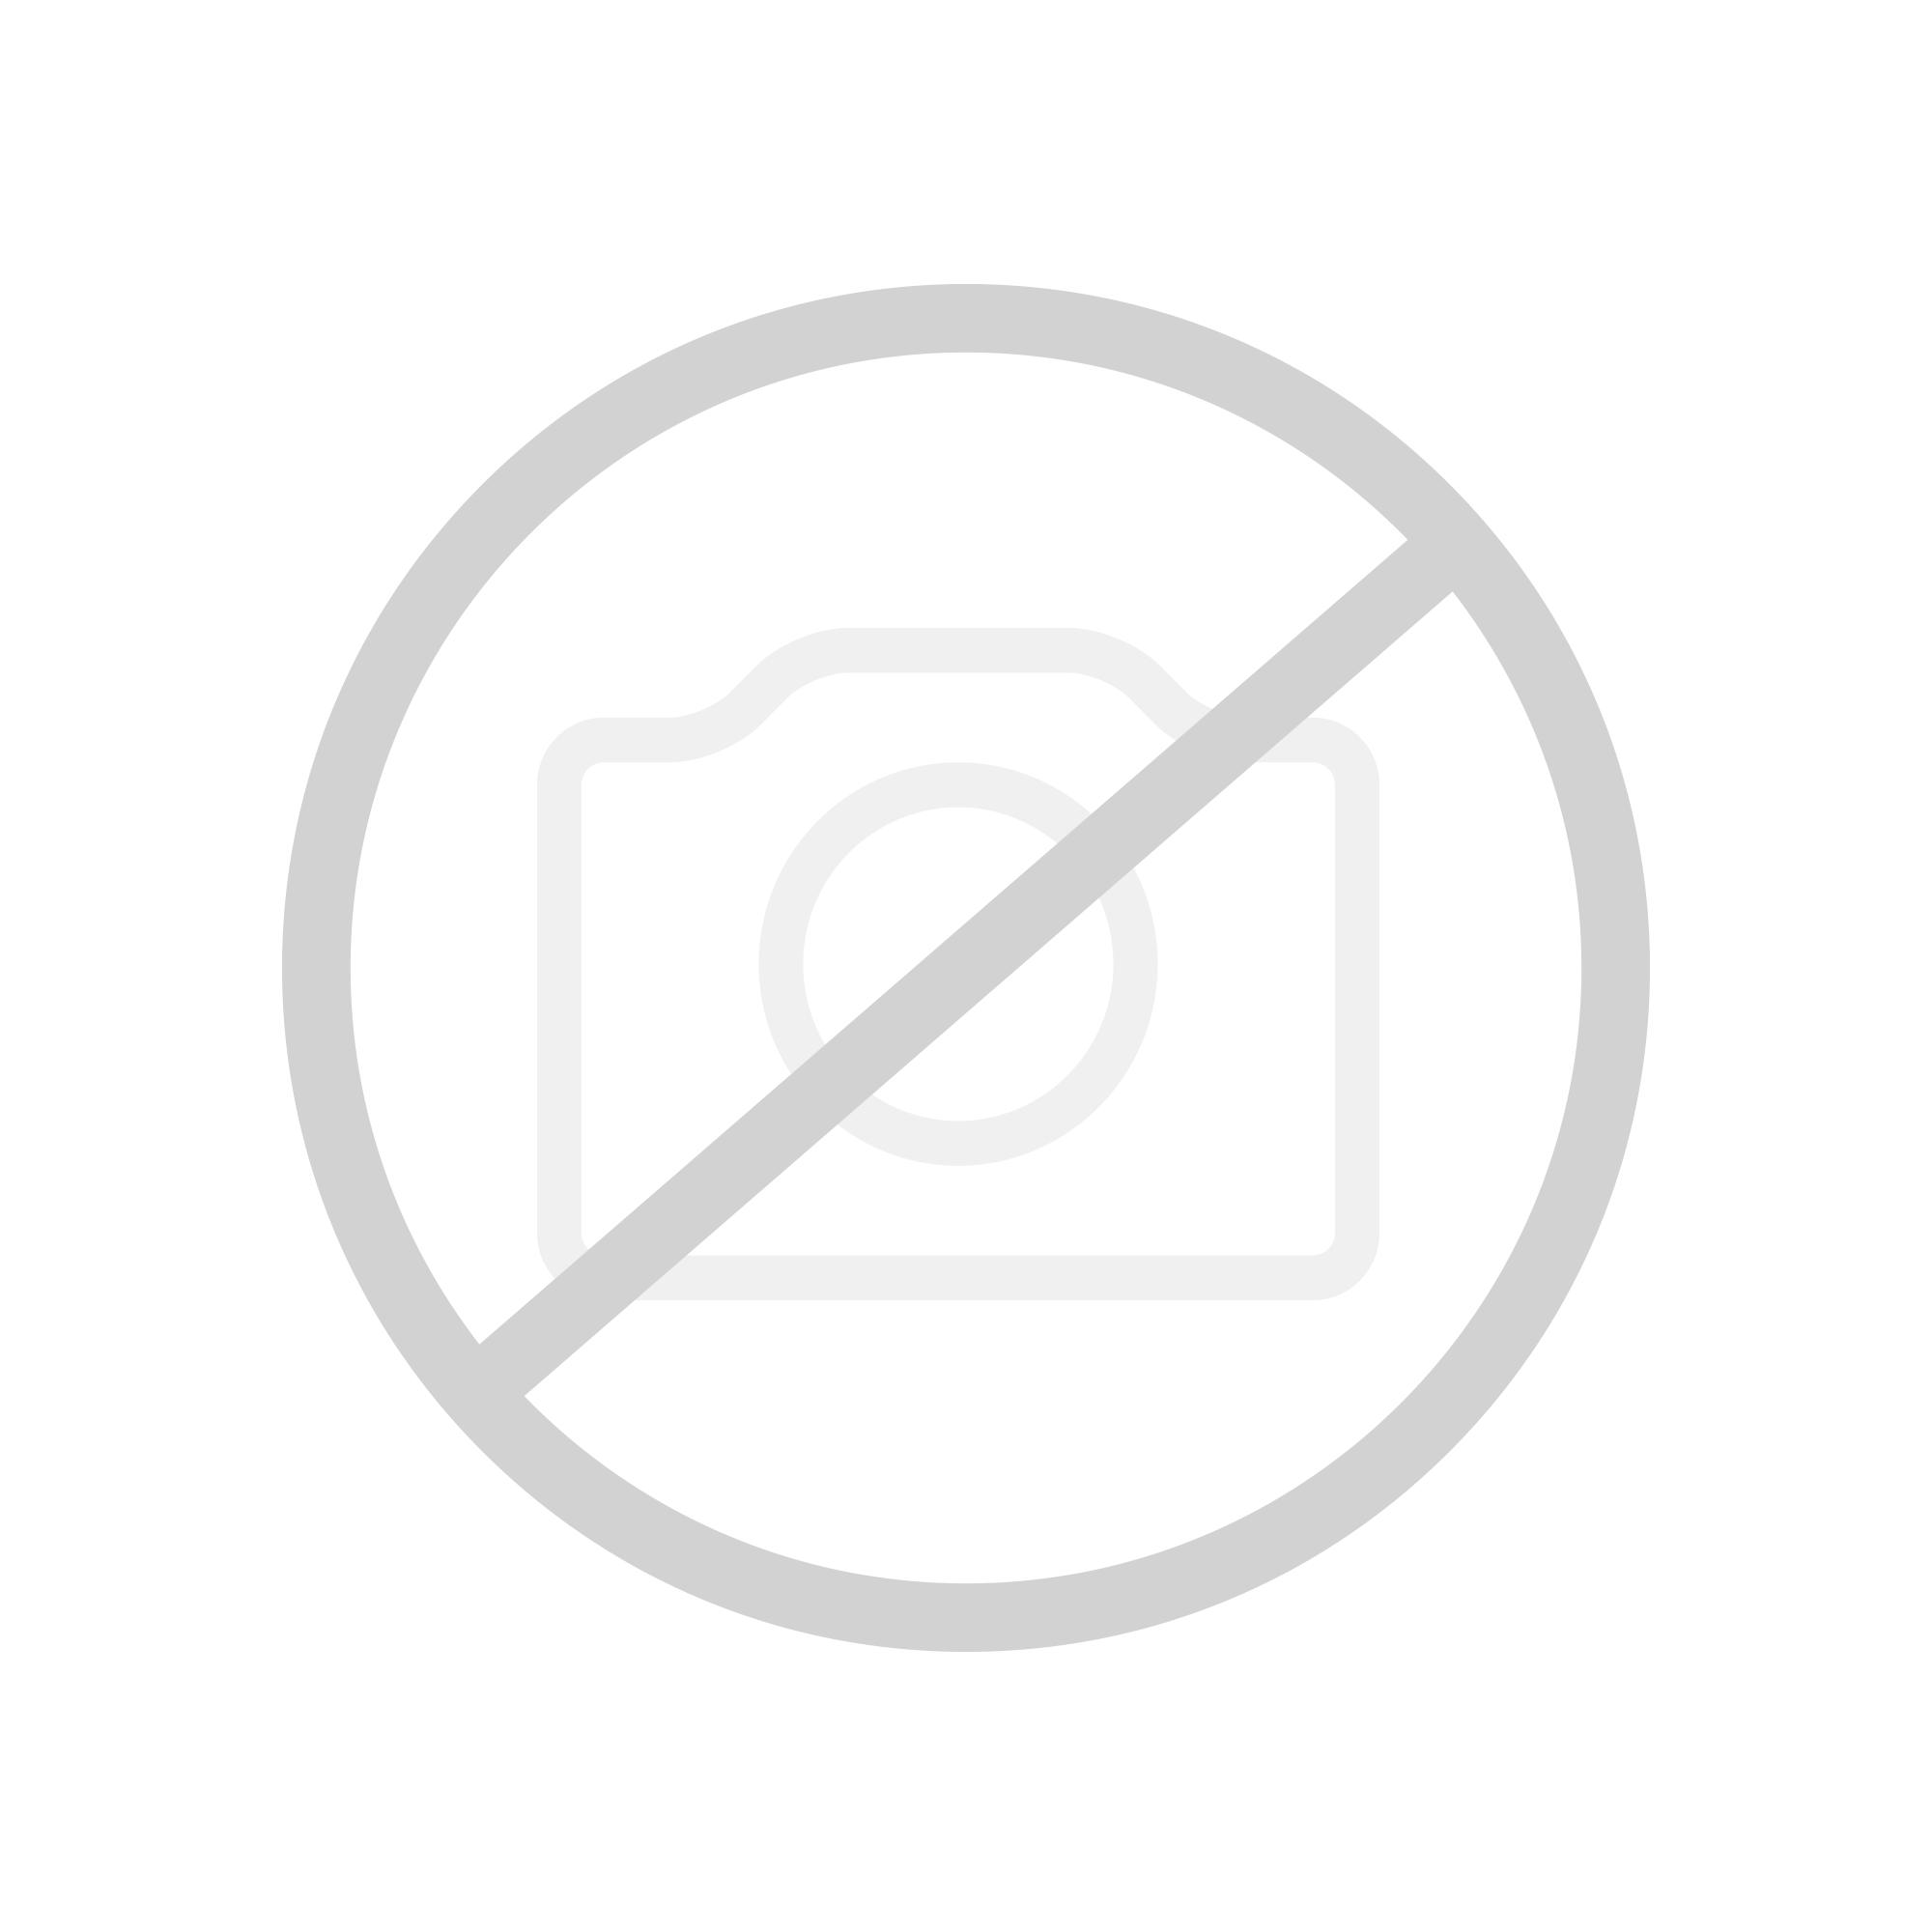 Geberit System-Traverse für Bade-/Duschwanne, für AP-Armatur